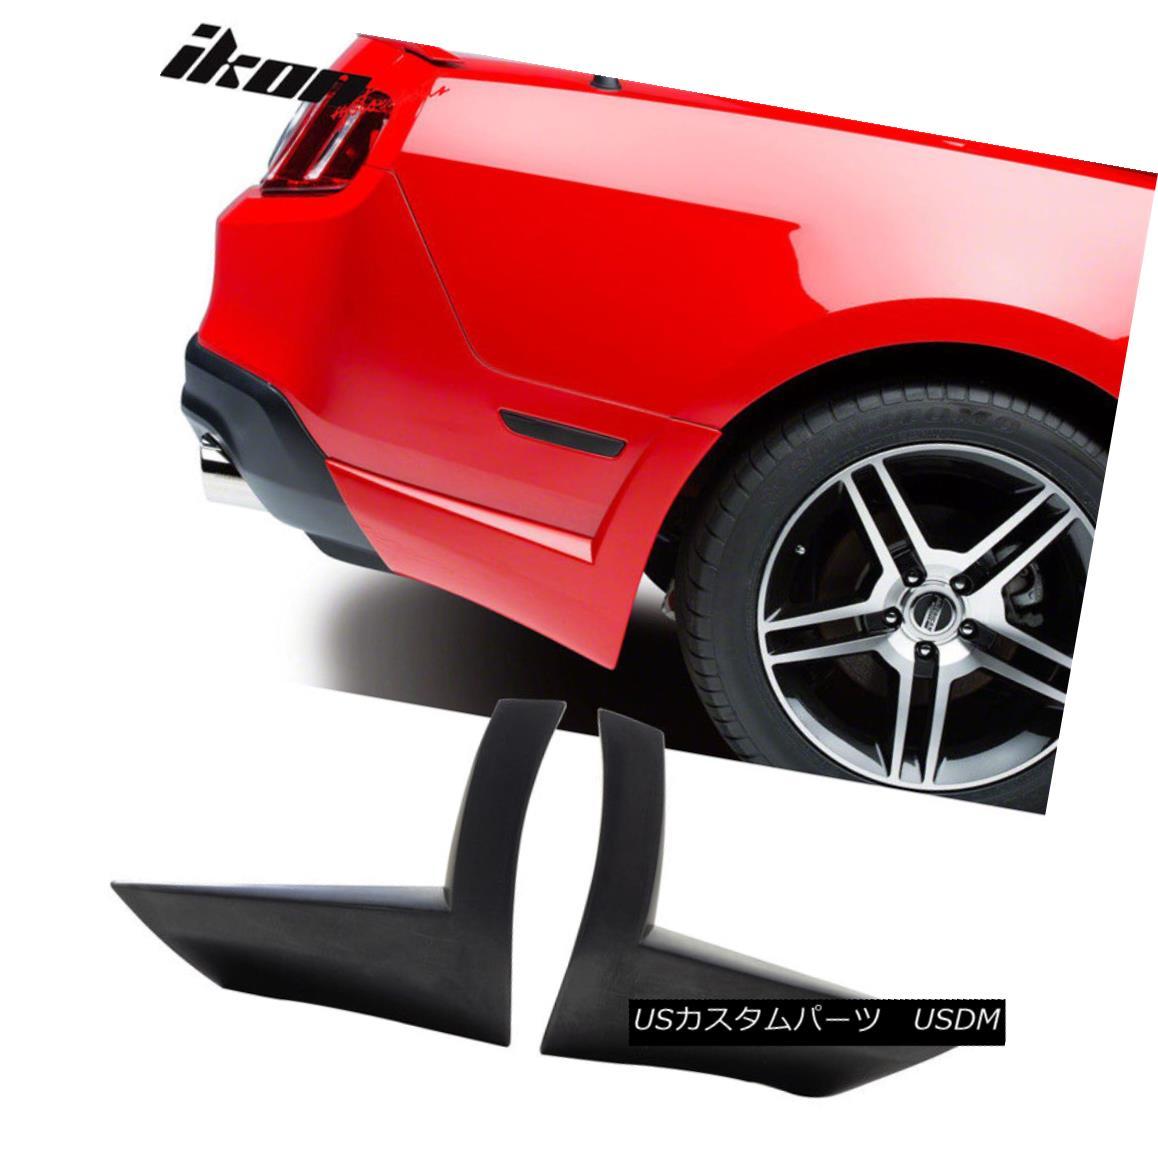 エアロパーツ Fits 10-12 Mustang V6 Rear Bumper Lip Aprons 2PC Unpainted - PU Poly Urethane フィット10-12マスタングV6リアバンパーリップエプロン2PC未塗装 - PUポリウレタン